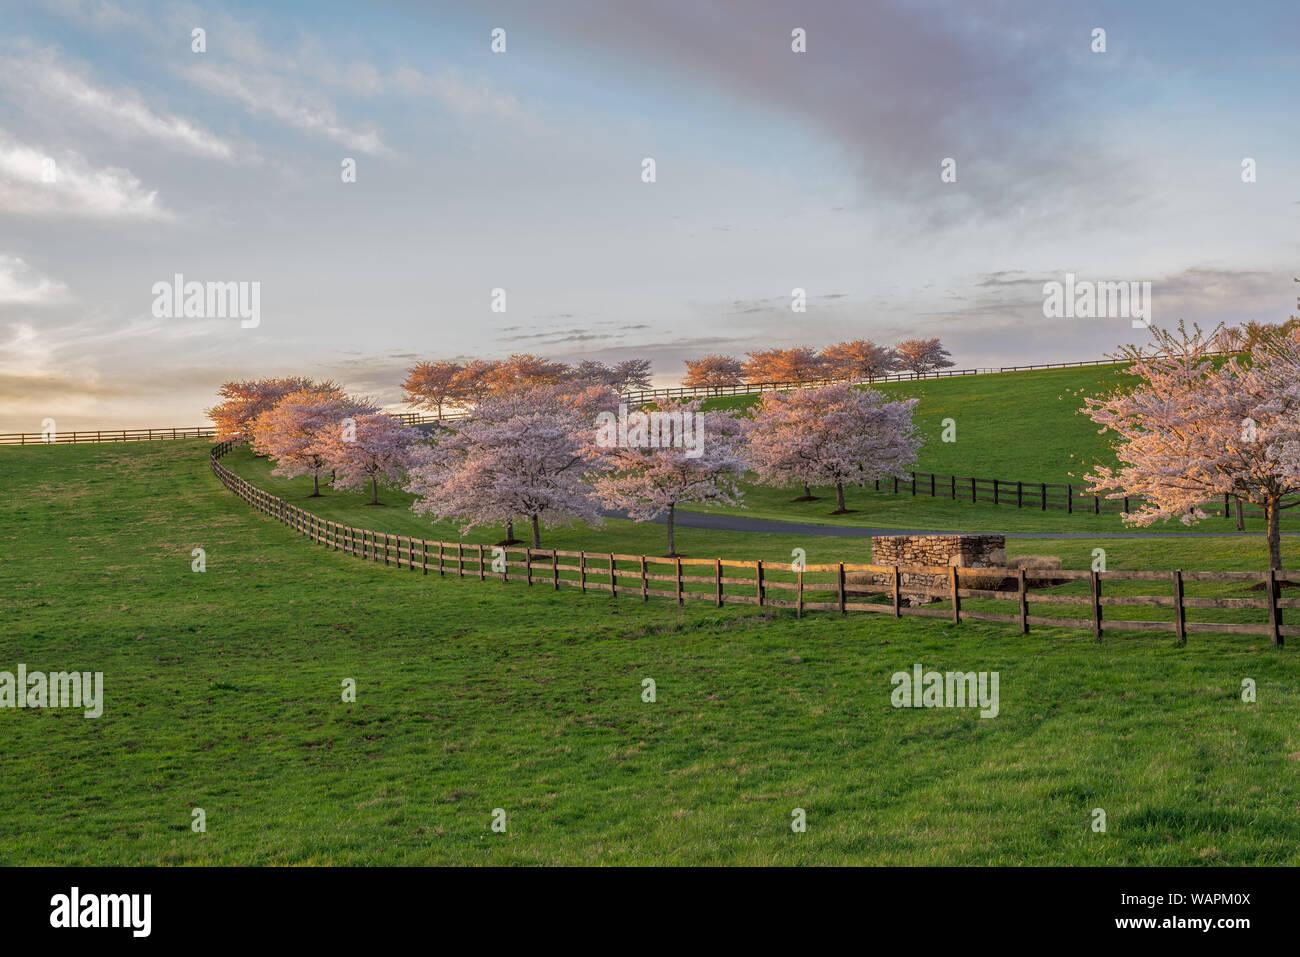 Floración de los cerezos, iluminados por la luz de la tarde, la línea de un largo camino y la valla. Foto de stock